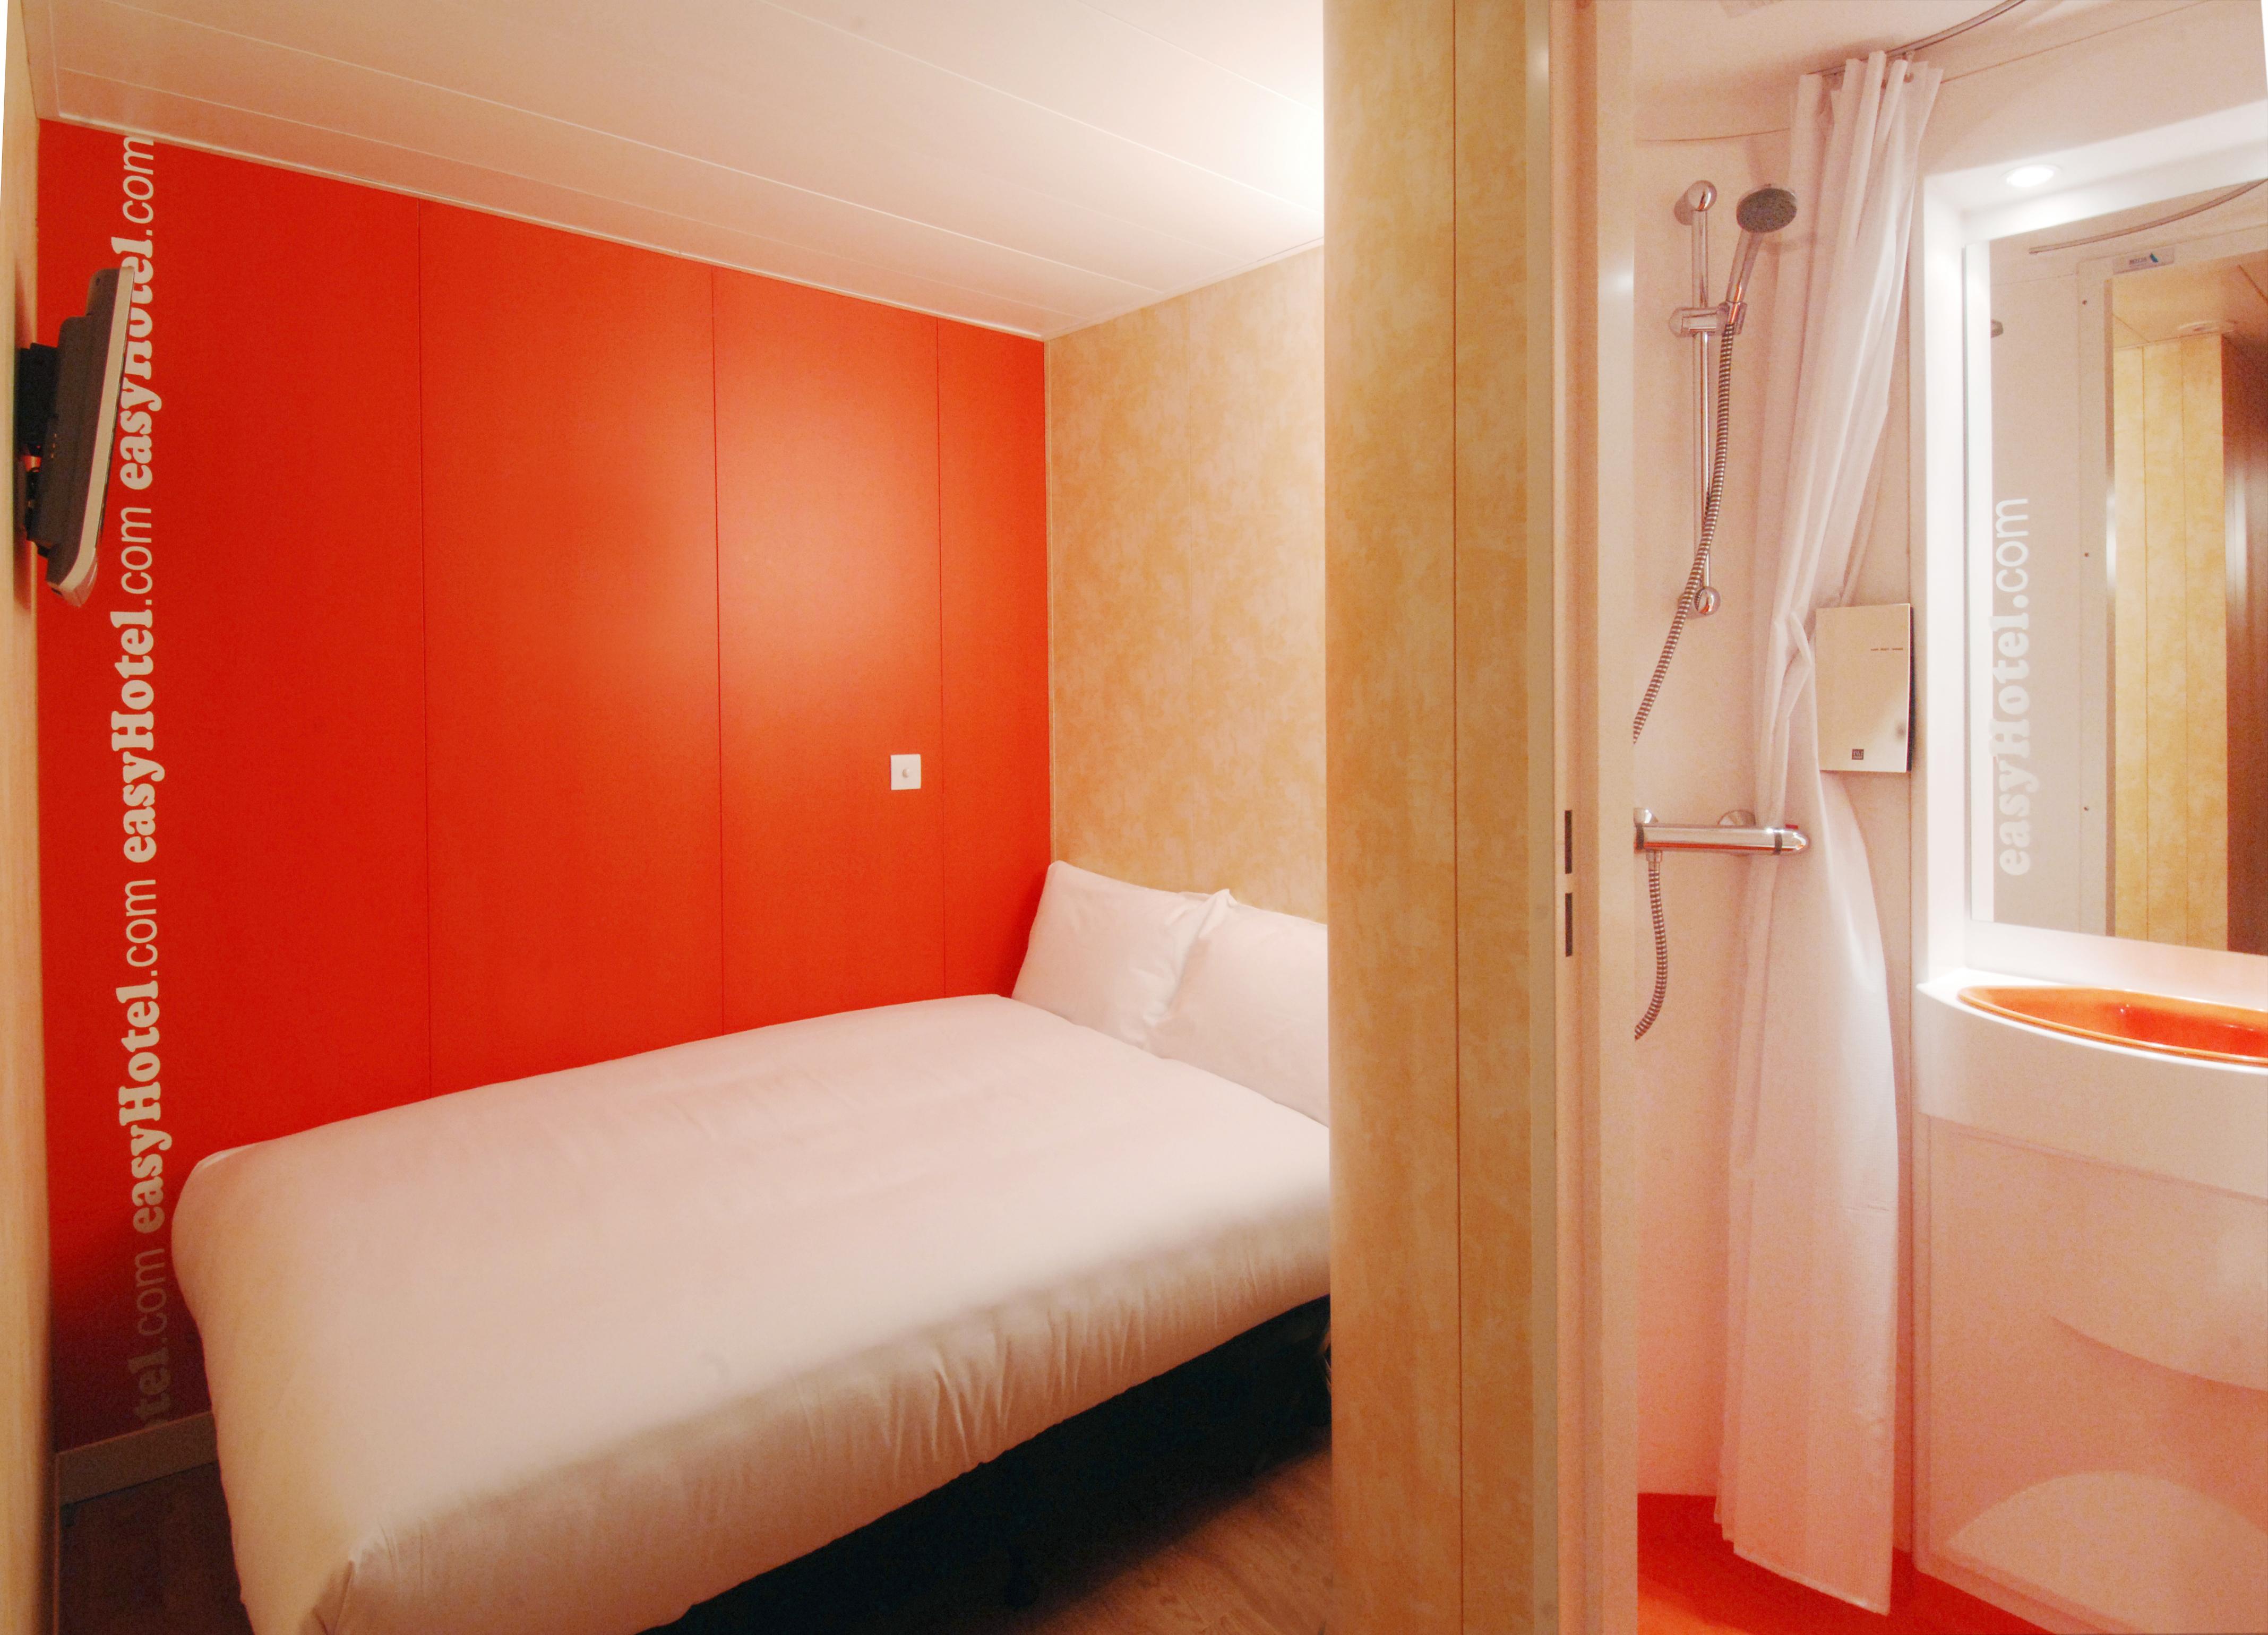 EasyHotel, alojamiento de bajo coste en Londres 2